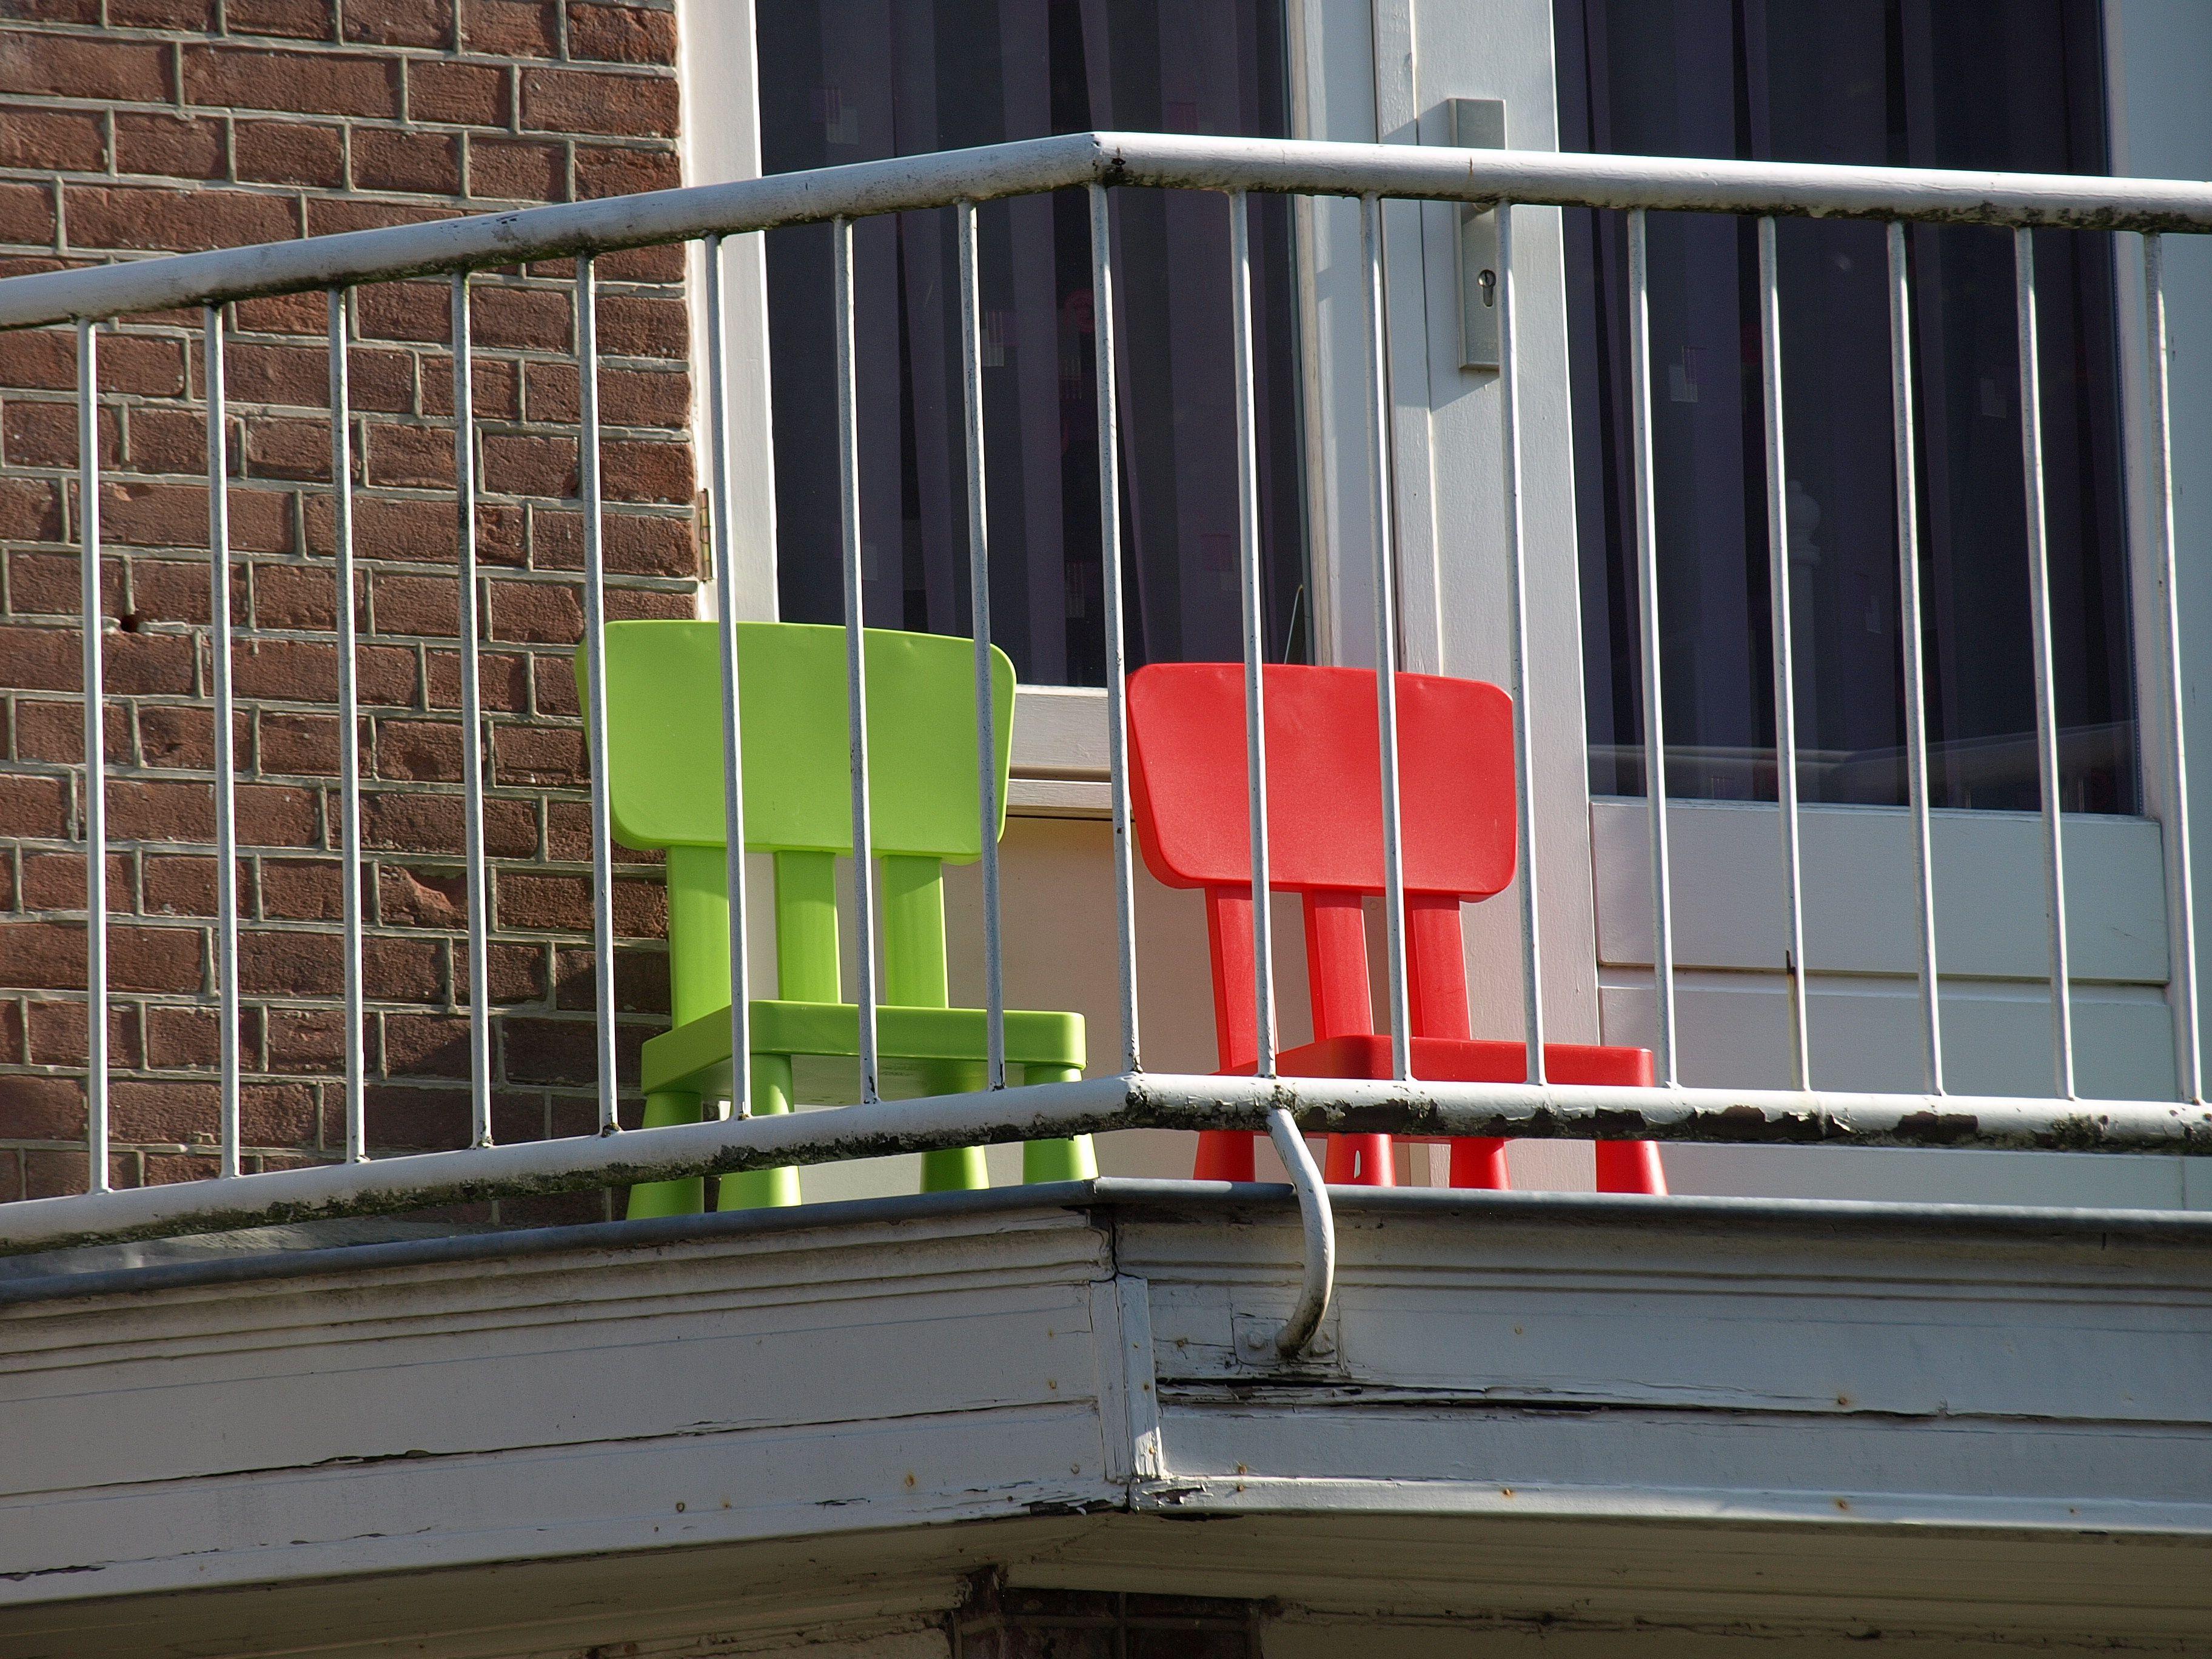 Ikea stoeltjes op een Nijmeegs balkon spot the ikea